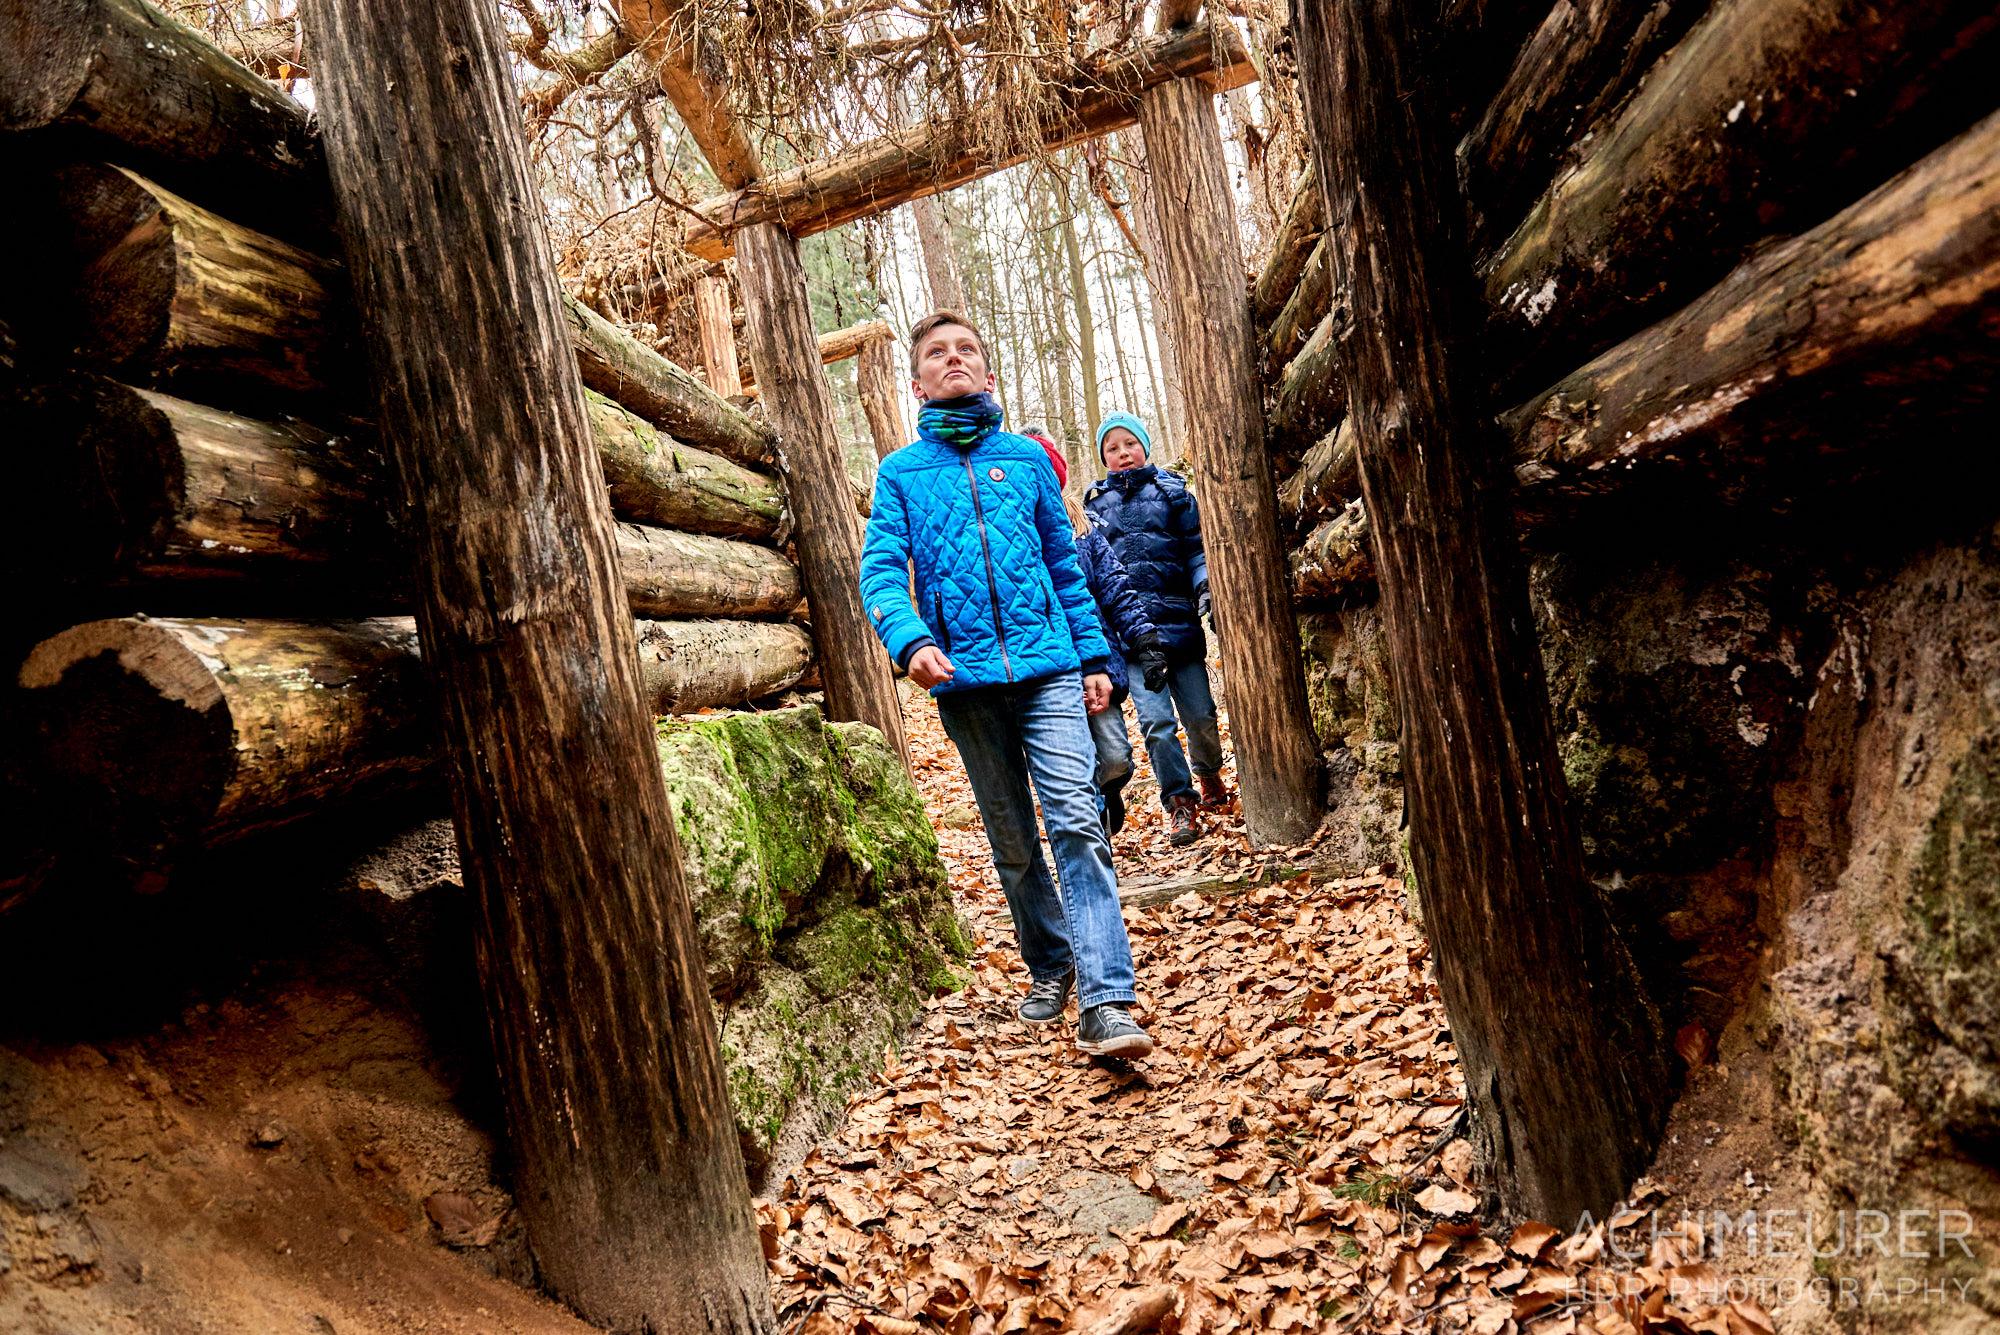 """Spielplatz """"Die Waldhusche"""" bei Hinterhermsdorf in der Sächsischen Schweiz by AchimMeurer.com."""